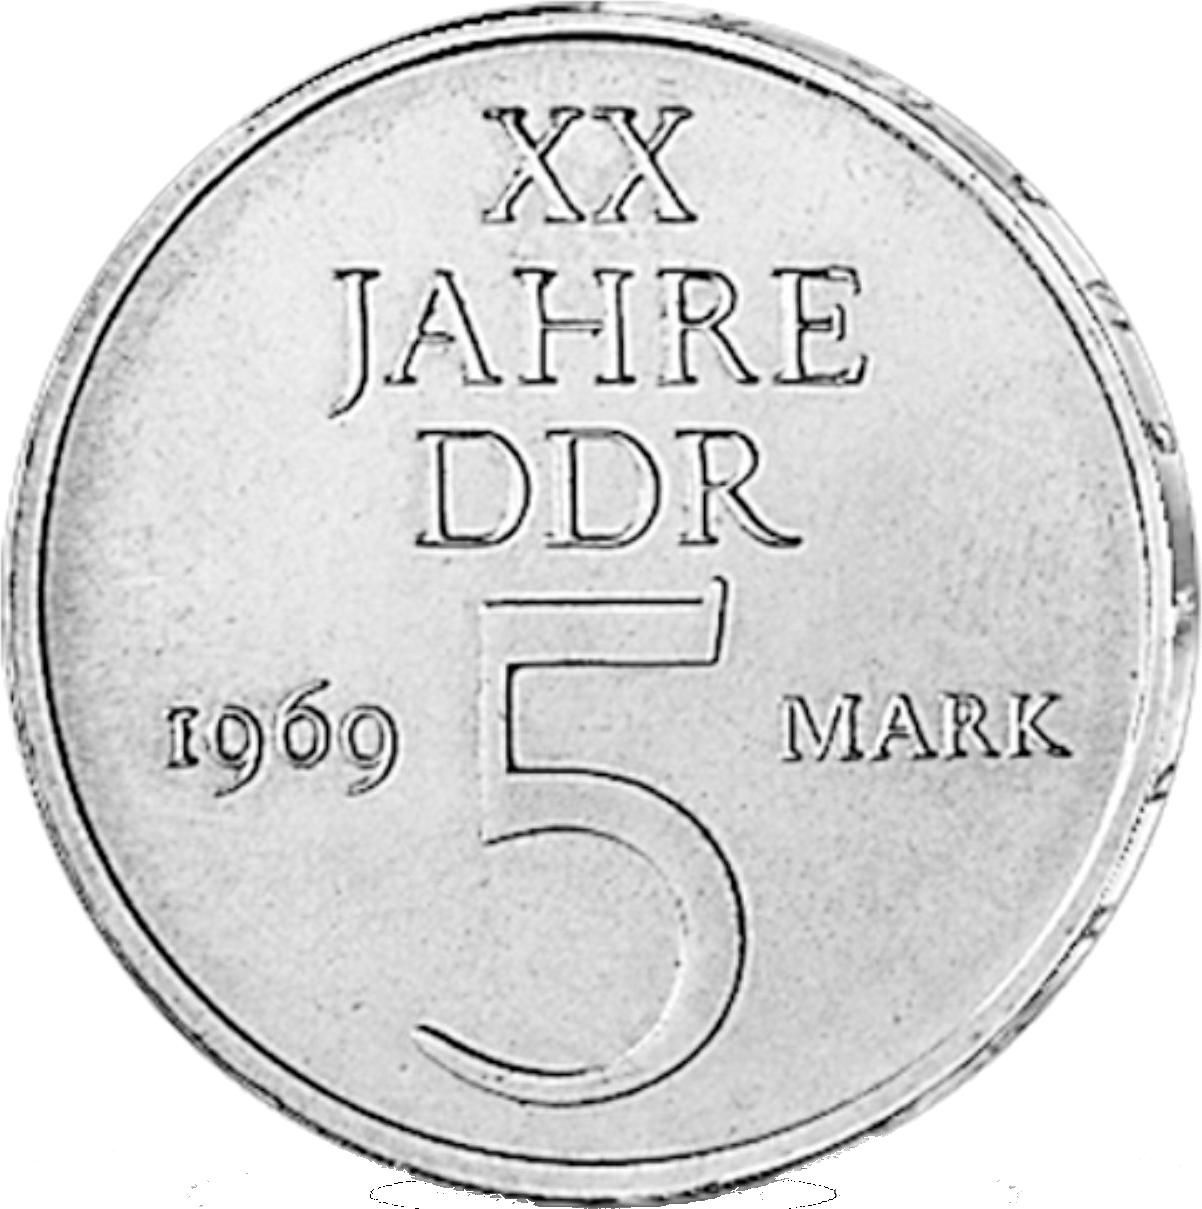 5 Mark Cuni Münze Ddr 20 Jahre Ddr 1969 Münzen Günstigerde